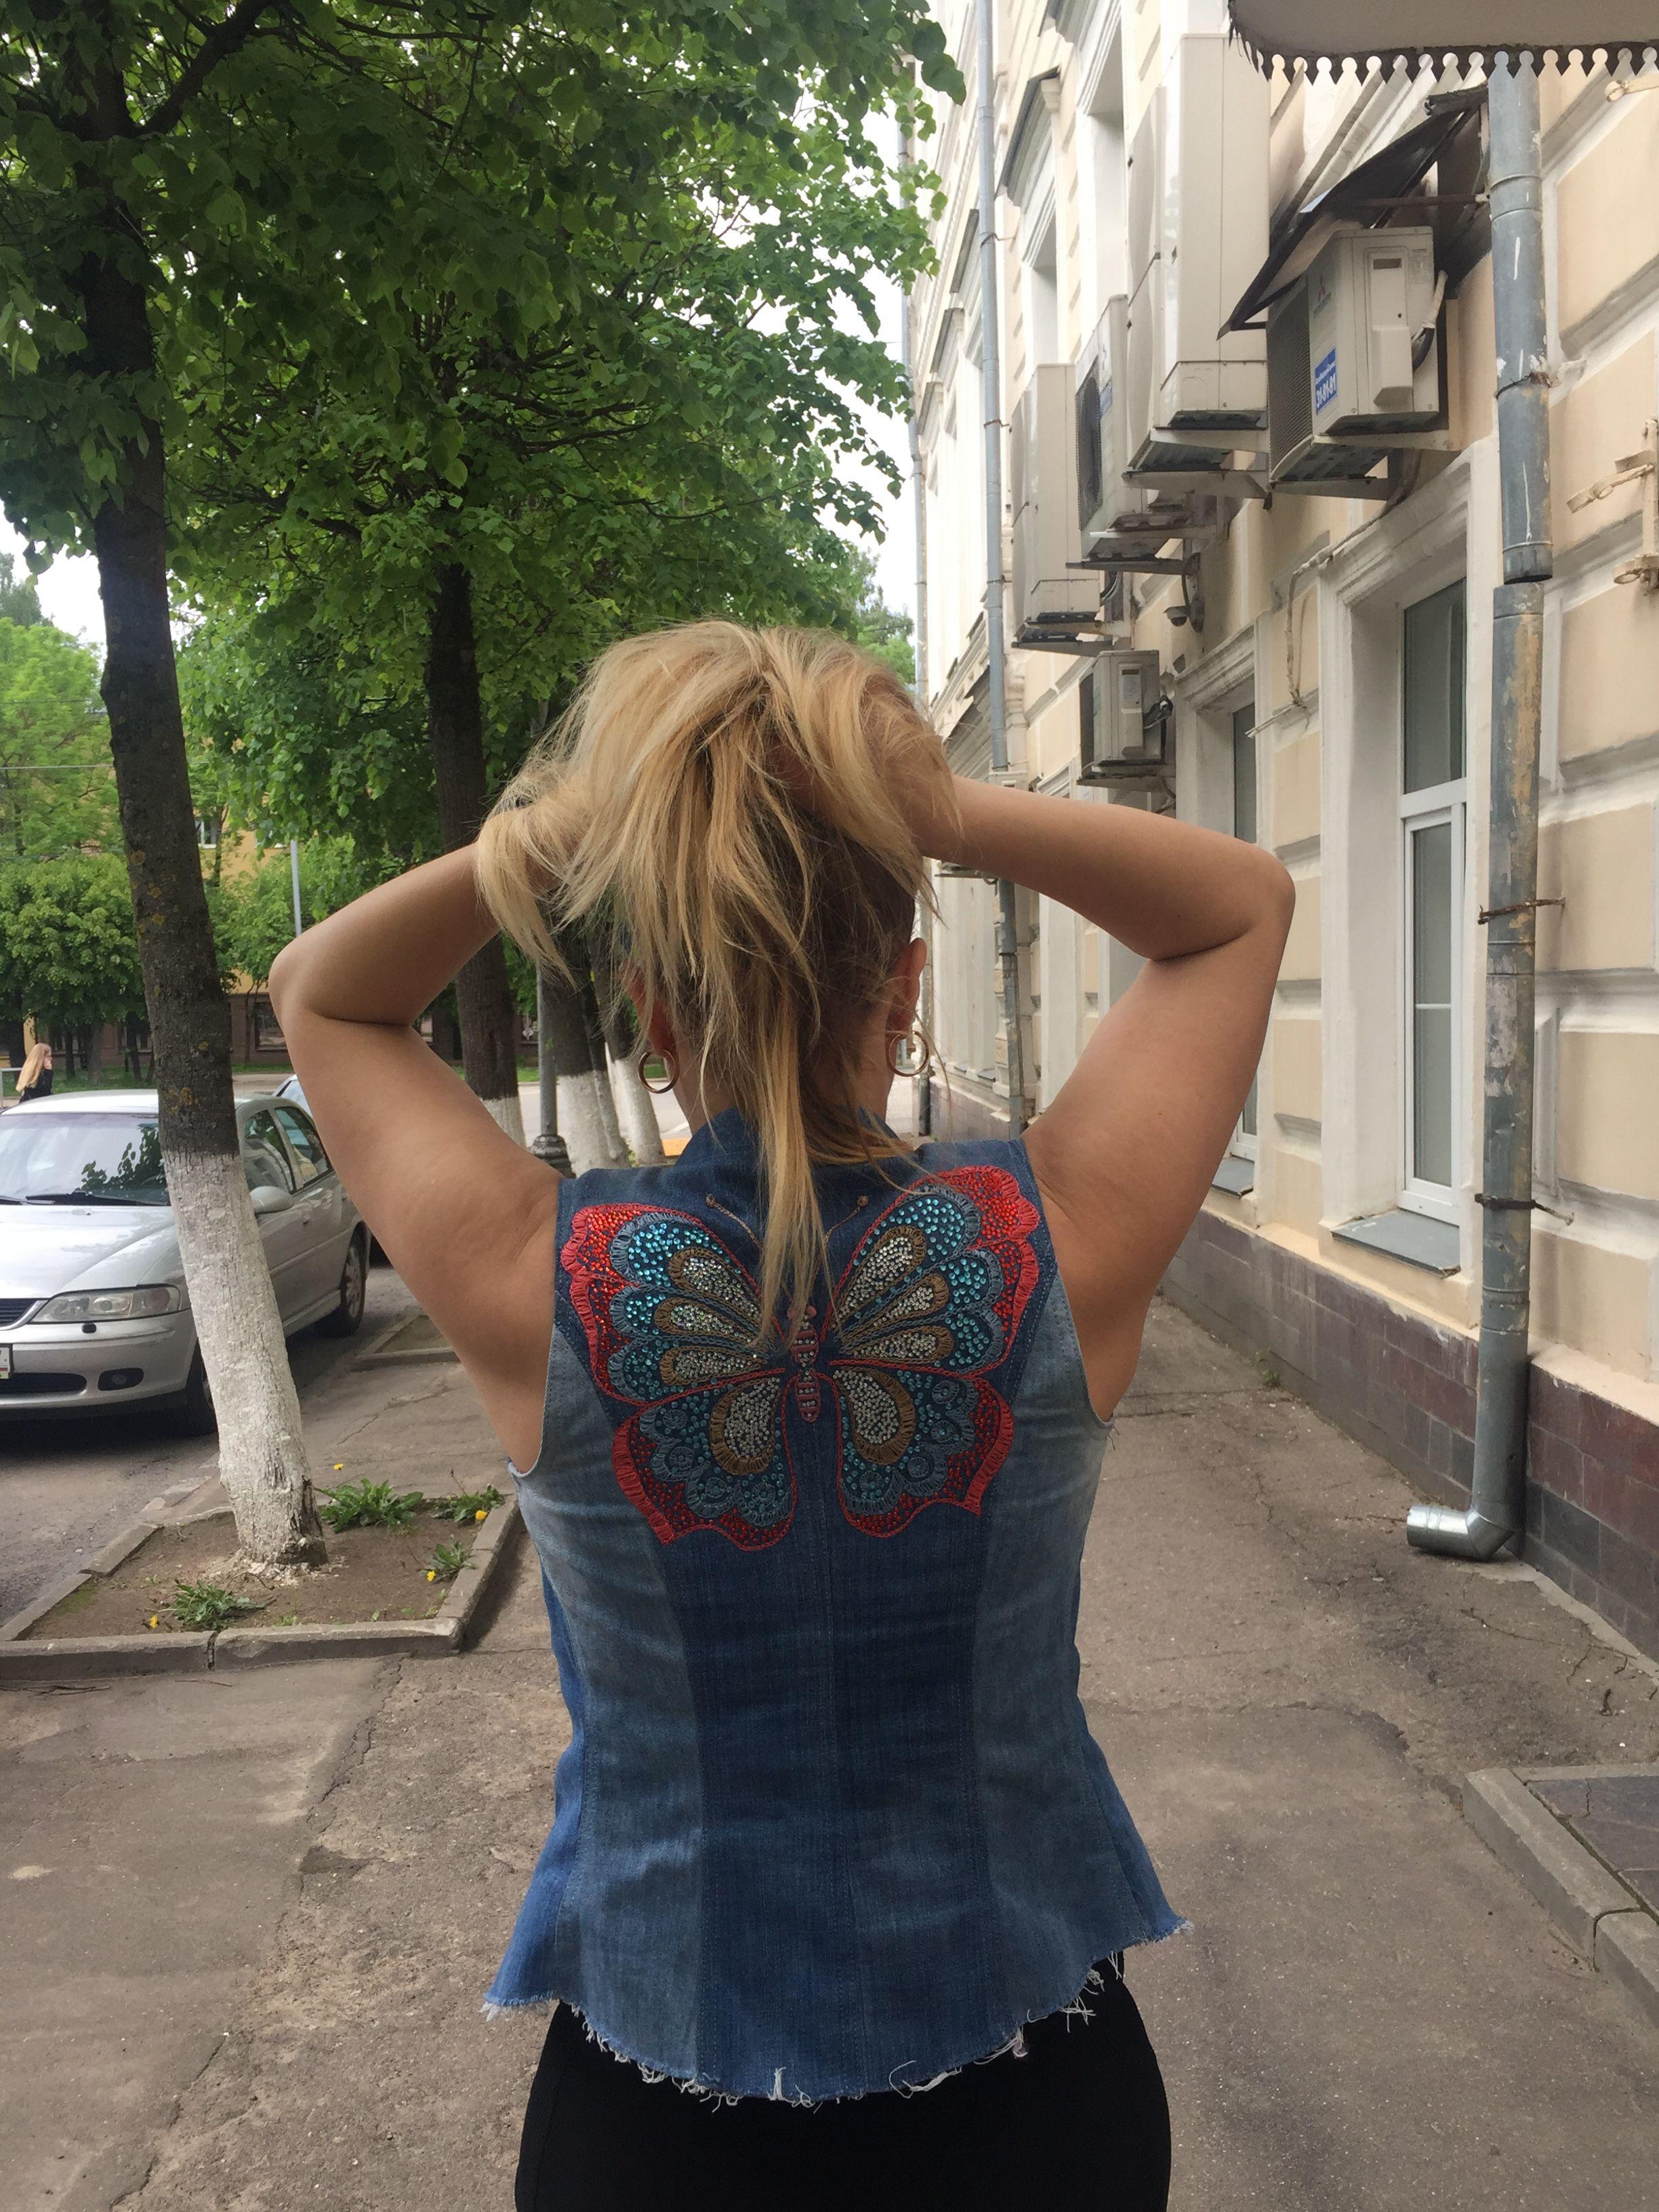 одежда красота заказать бабочка грация стразы девушка джинсы купить шёлк стиль сшить жилет мода